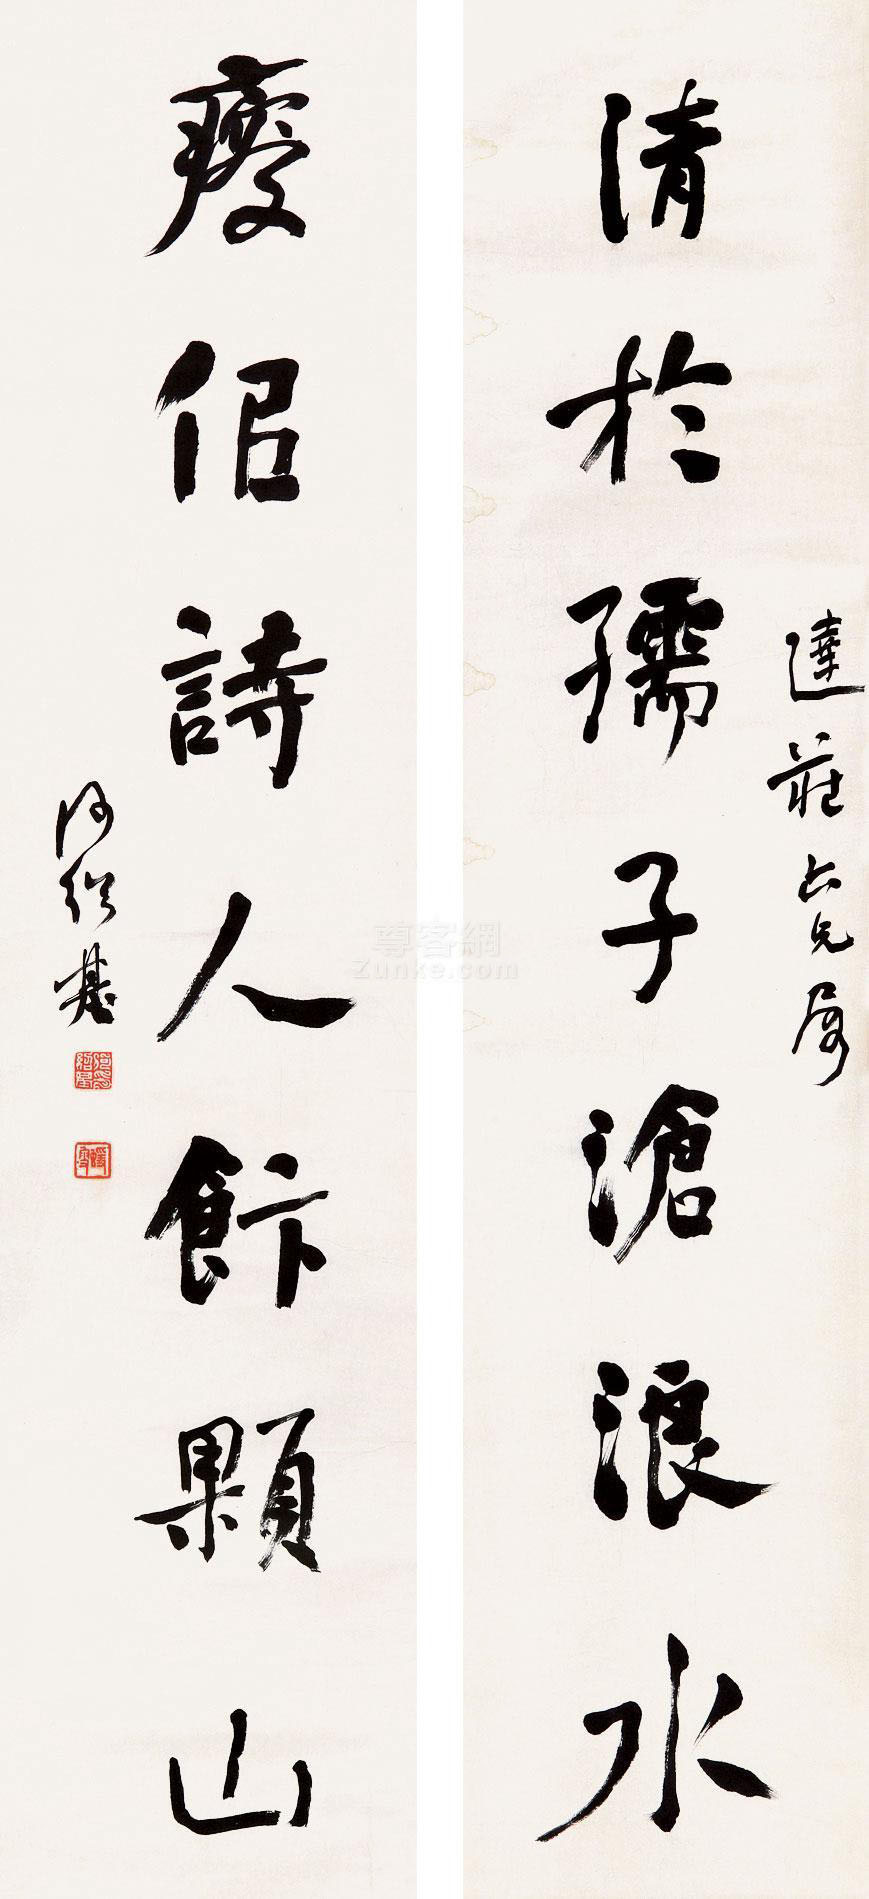 何绍基 行书七言联 立轴 纸本作品欣赏